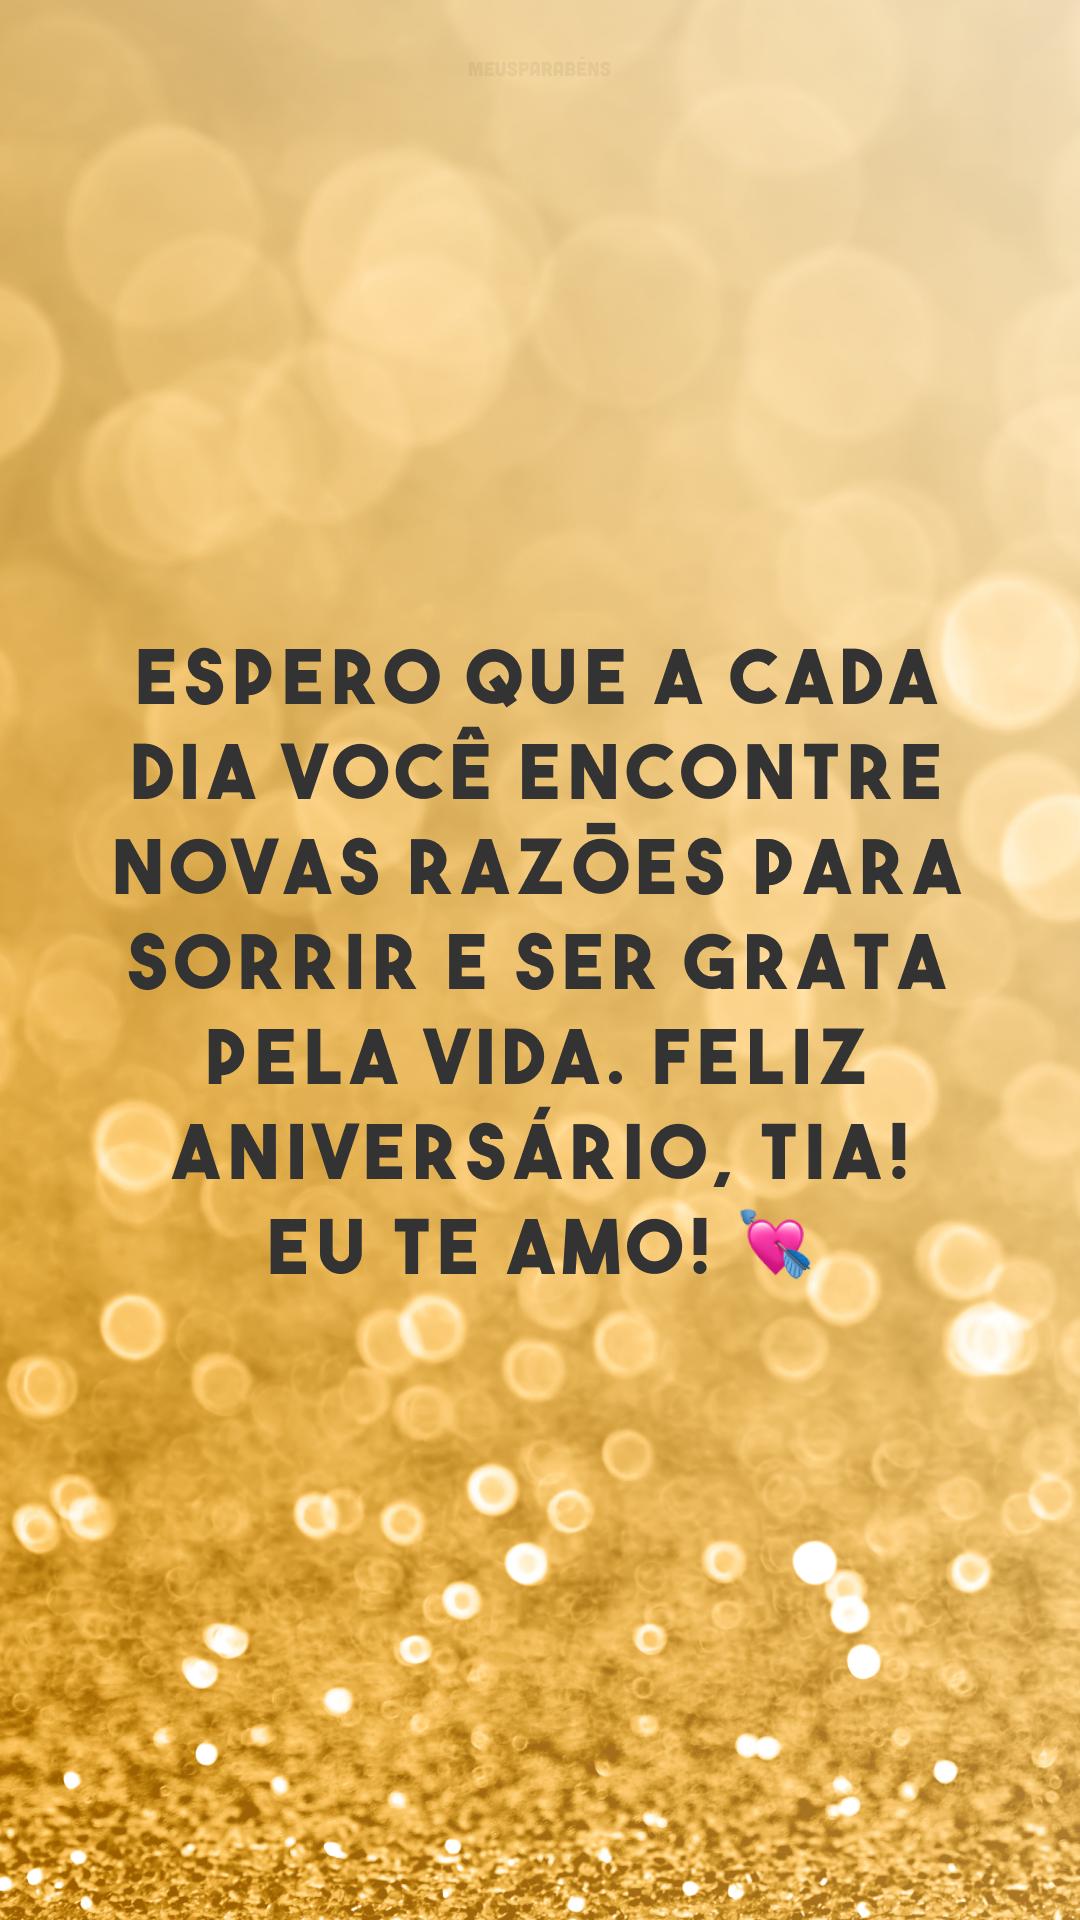 Espero que a cada dia você encontre novas razões para sorrir e ser grata pela vida. Feliz aniversário, tia! Eu te amo! 💘